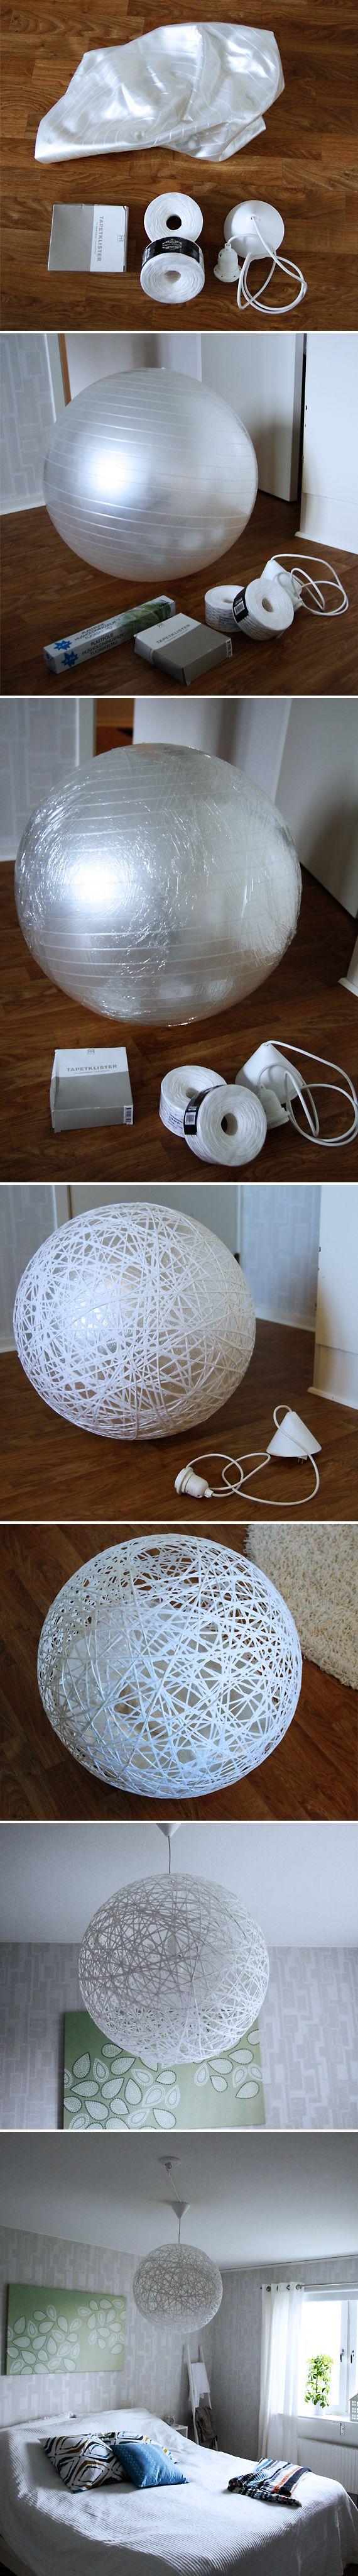 För att göra en egen random light-inspirerad lampa behöver du bara 4 saker:- Pilatesboll- Tapetklister- Pappersnören (cirka 200 meter)- LampsladdSå här gör du1. Blås upp pilatesbollen och linda in …